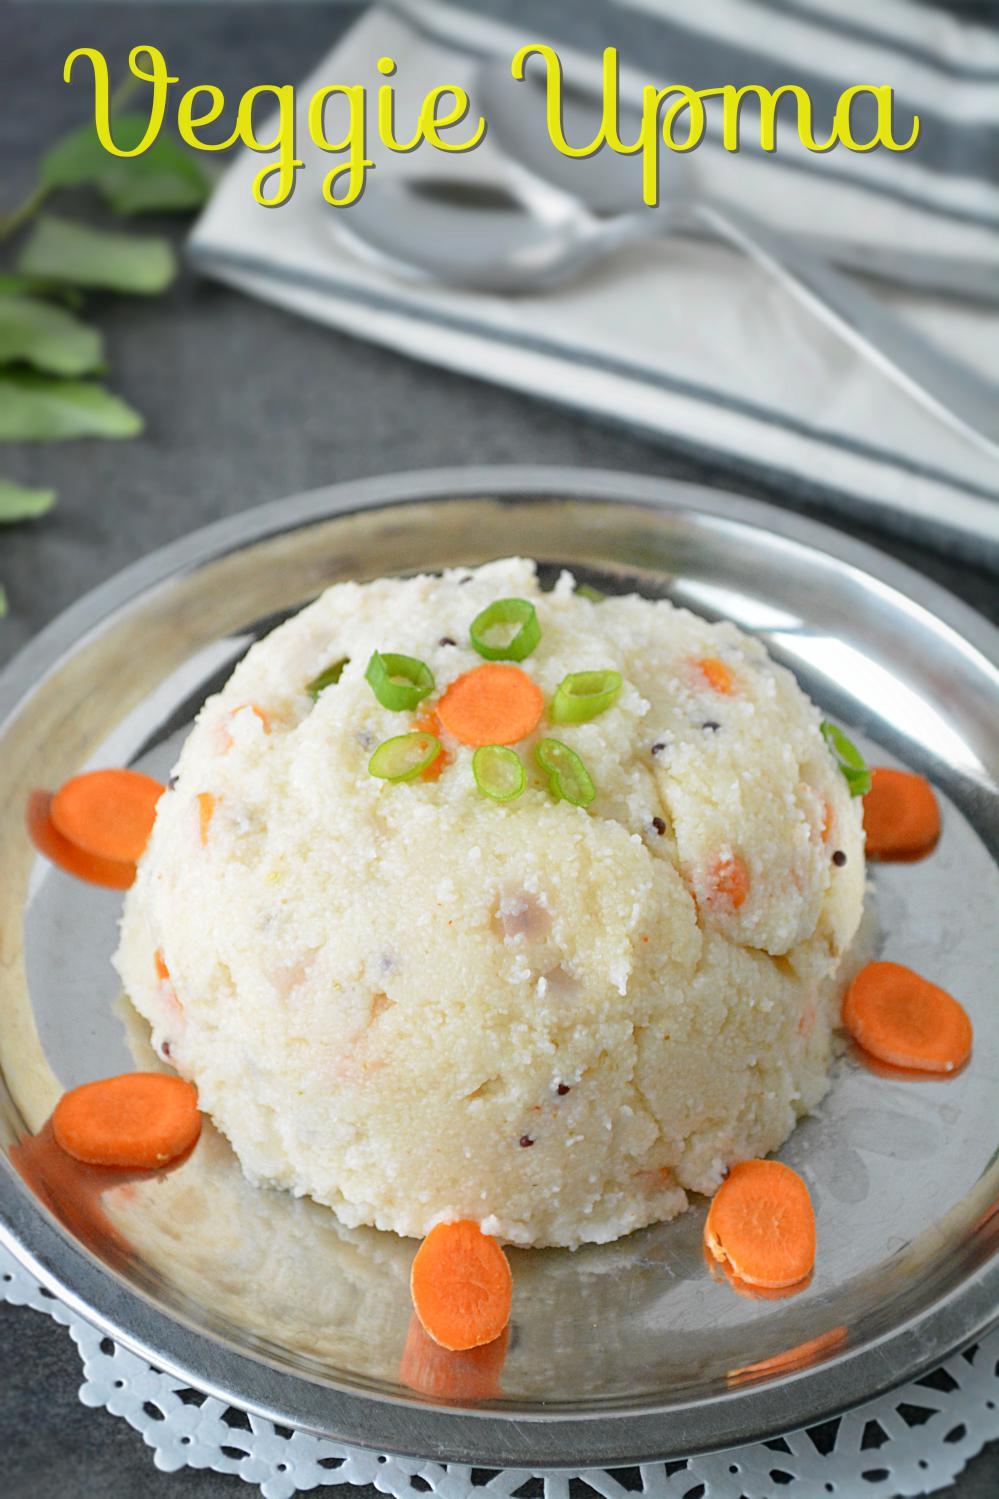 Veggie Rawa Upma